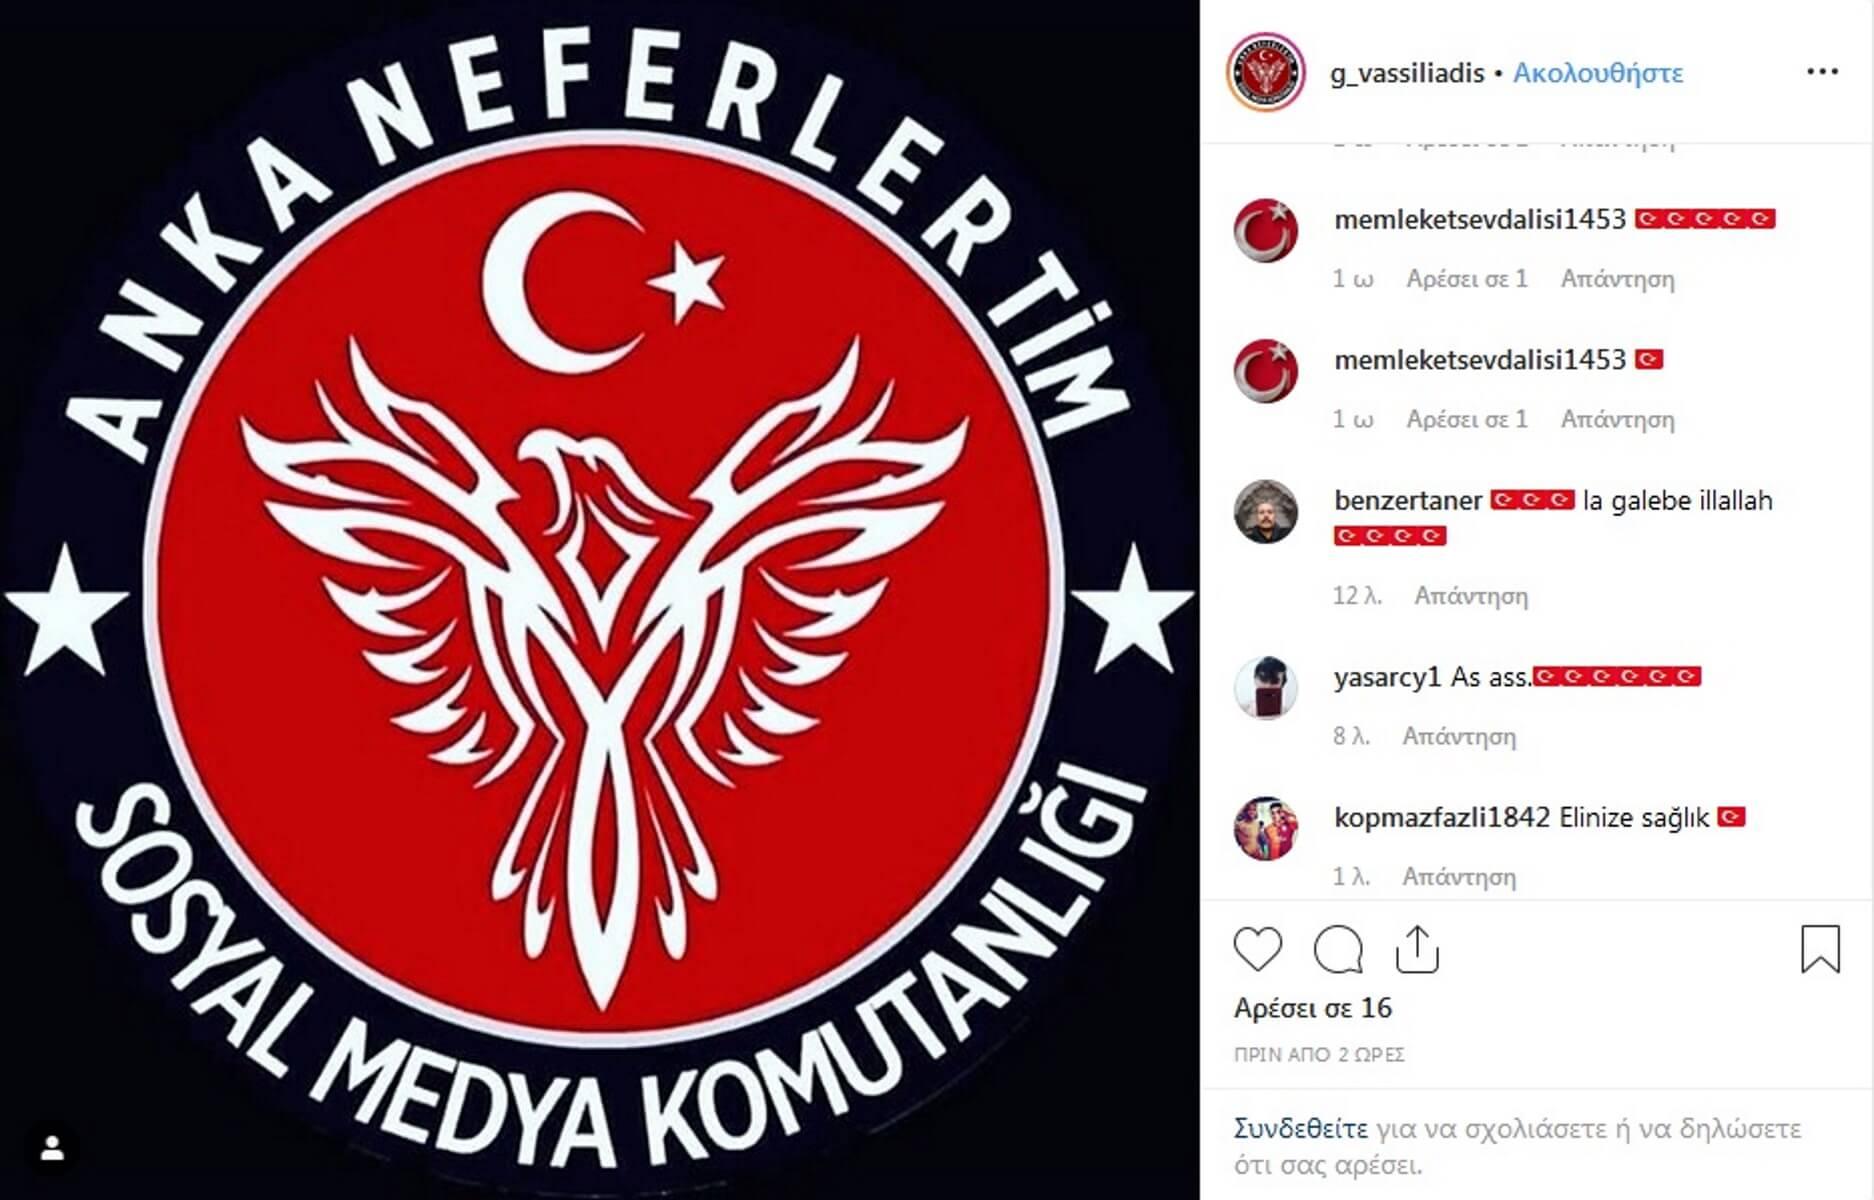 Βασιλειάδης: Θύμα επίθεσης από Τούρκους χάκερ! Φωτογραφίες με Αγιά-Σοφιά και τουρκικές φρεγάτες